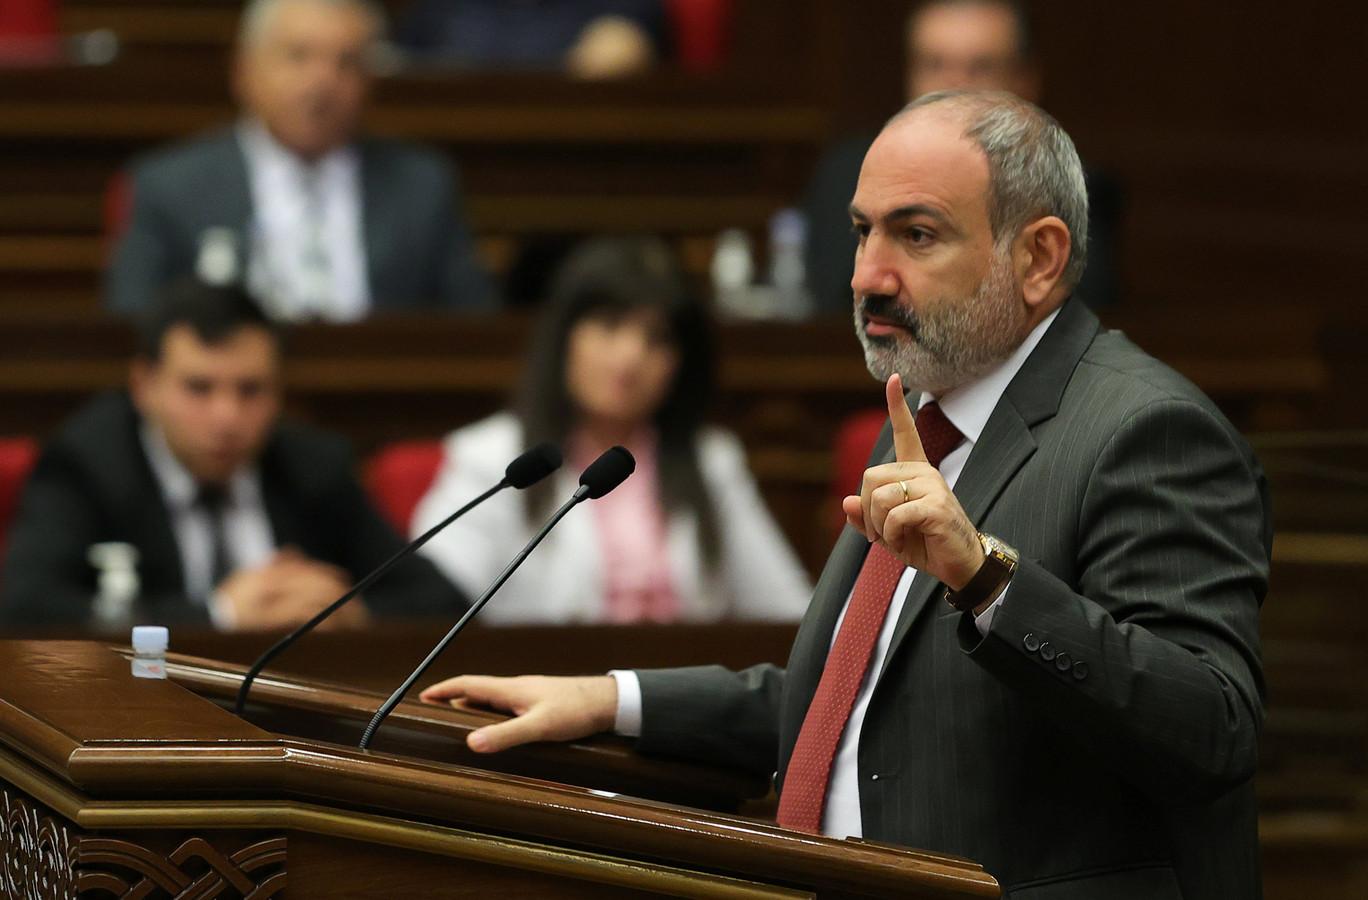 Waarnemend premier van Armenië Nikol Pasjinian tijdens een zitting in het parlement.